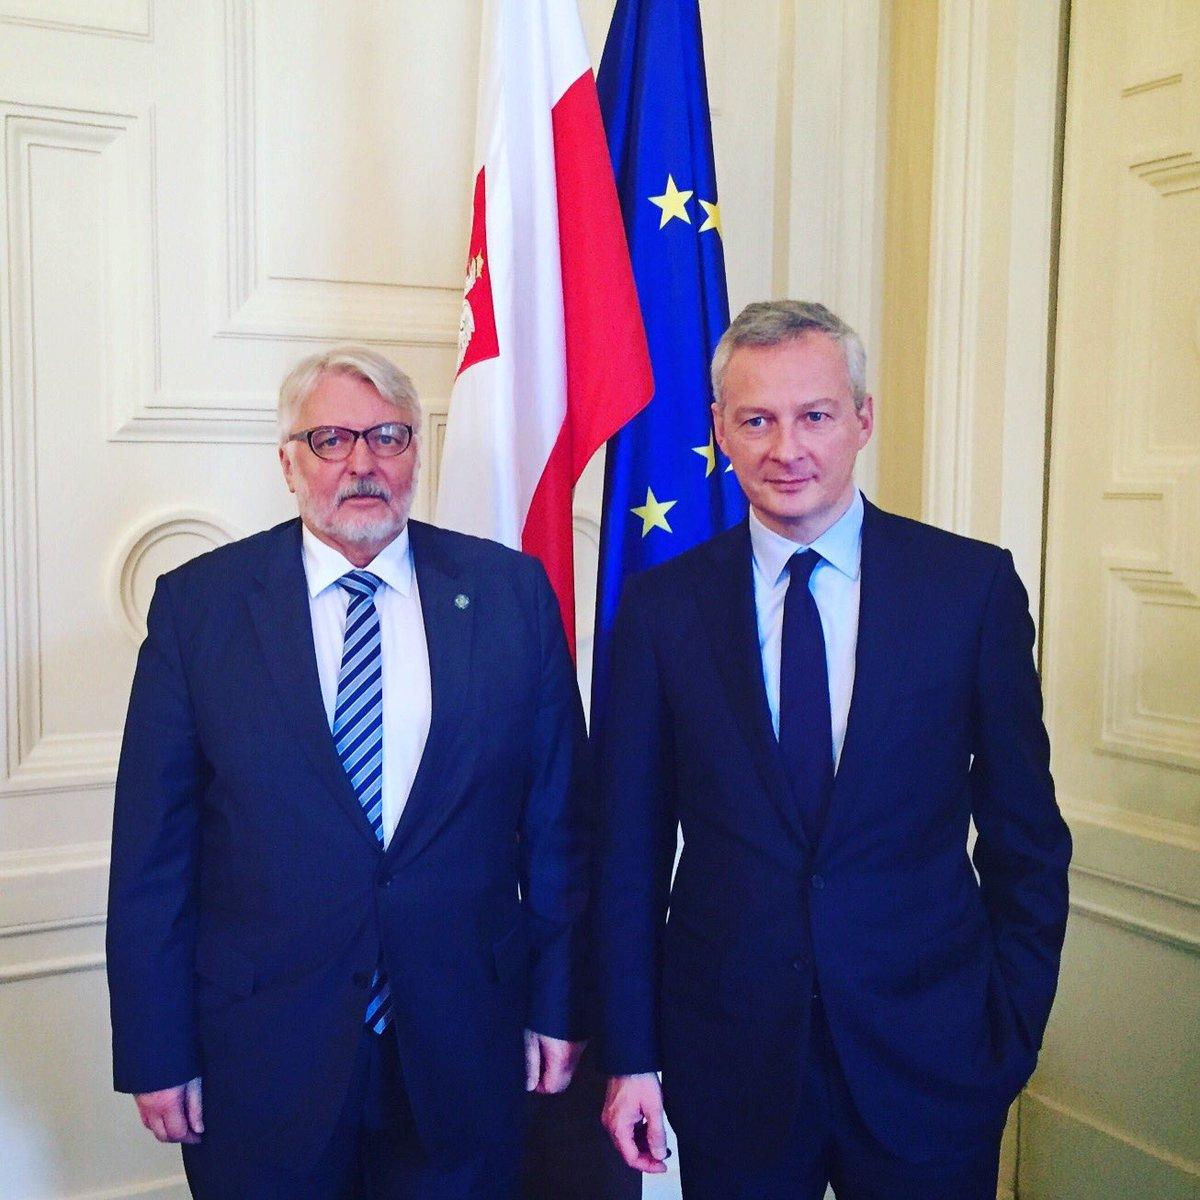 Entretien ce matin avec le ministre des affaires étrangères polonais : avenir de l&#39;#Europe  et relations bilatérales   #UE #Pologne <br>http://pic.twitter.com/Ihtsq35KVq